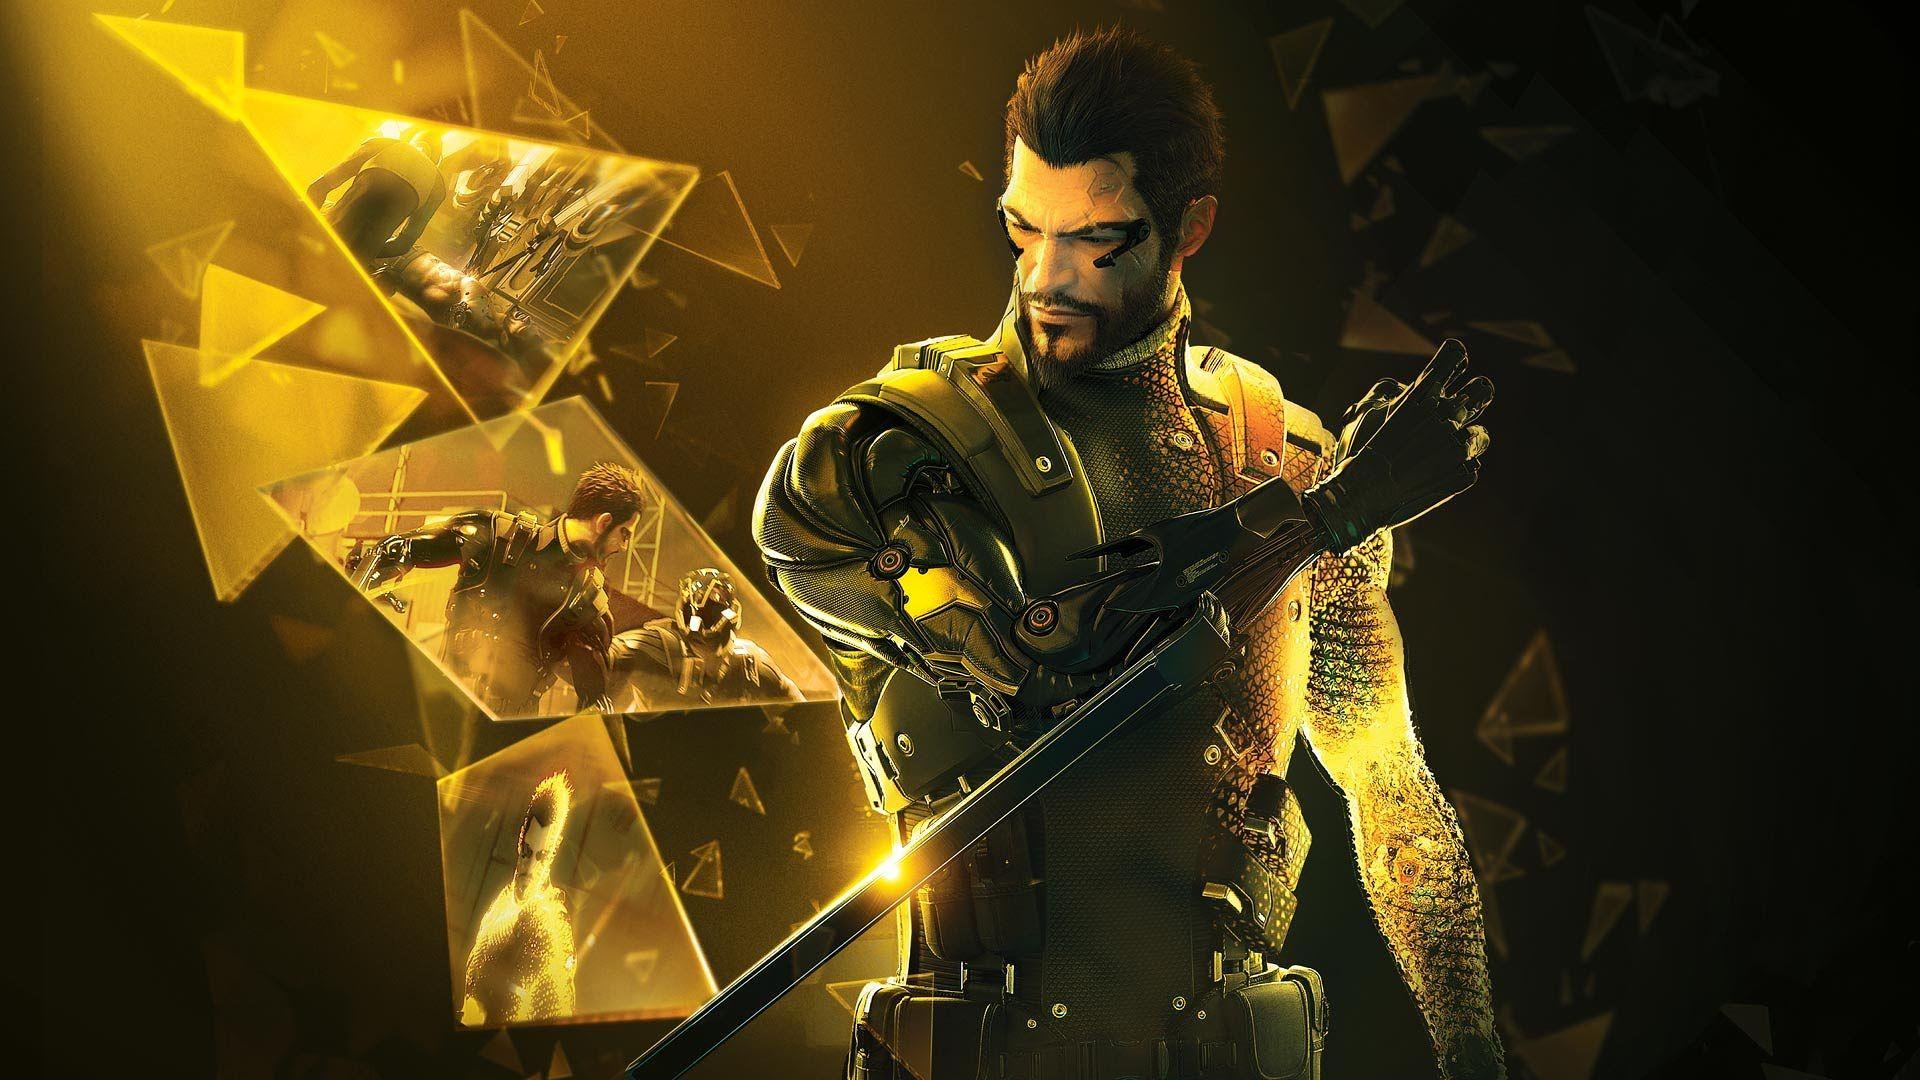 Deus Ex Mankind Divided Wallpaper 50944 1920x1080px